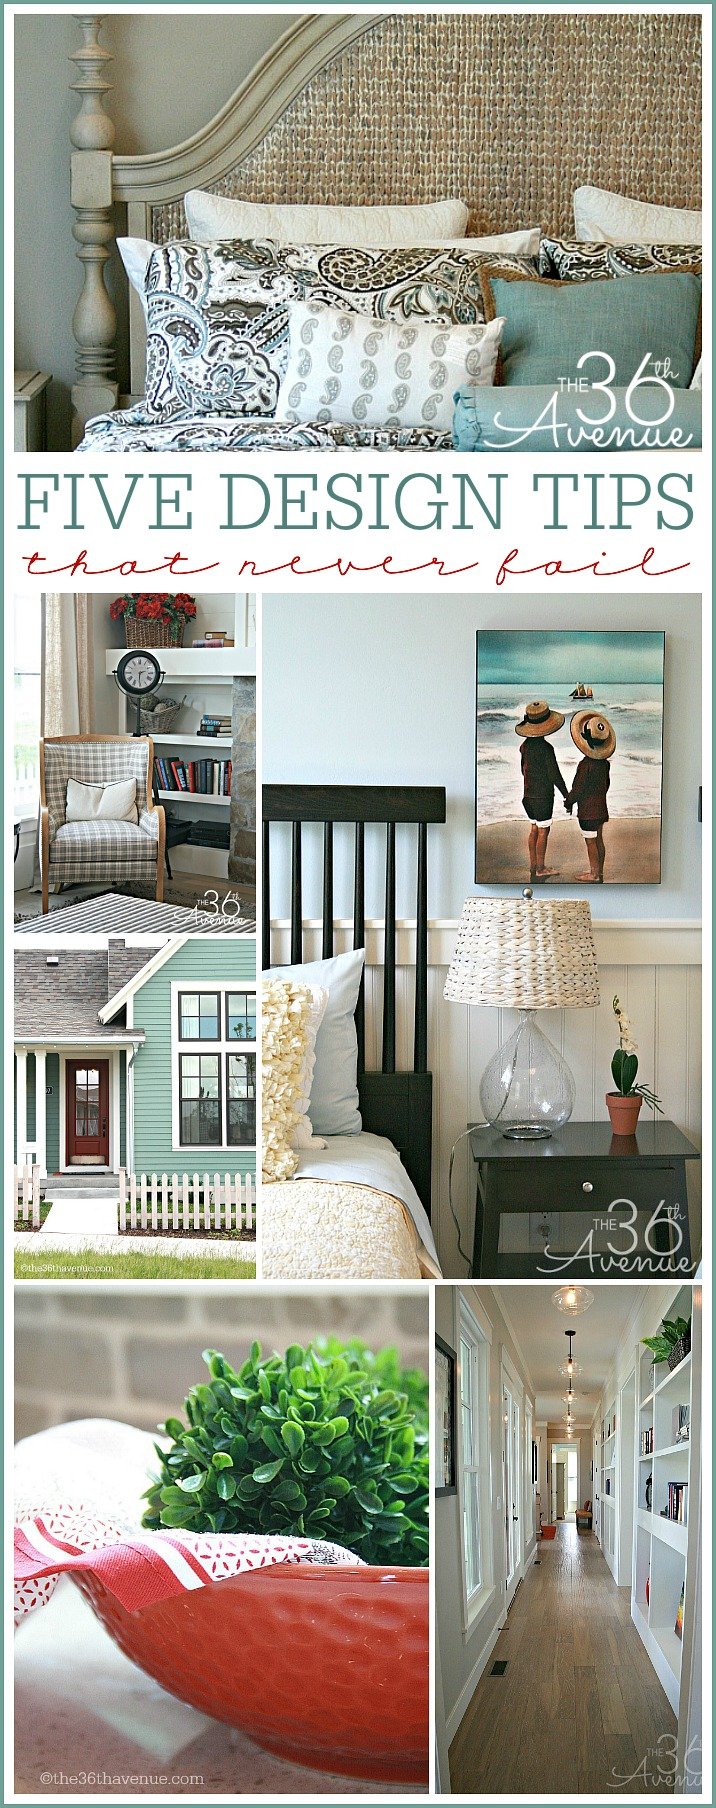 The 36th Avenue Home Decor And Design Tips The 36th Avenue